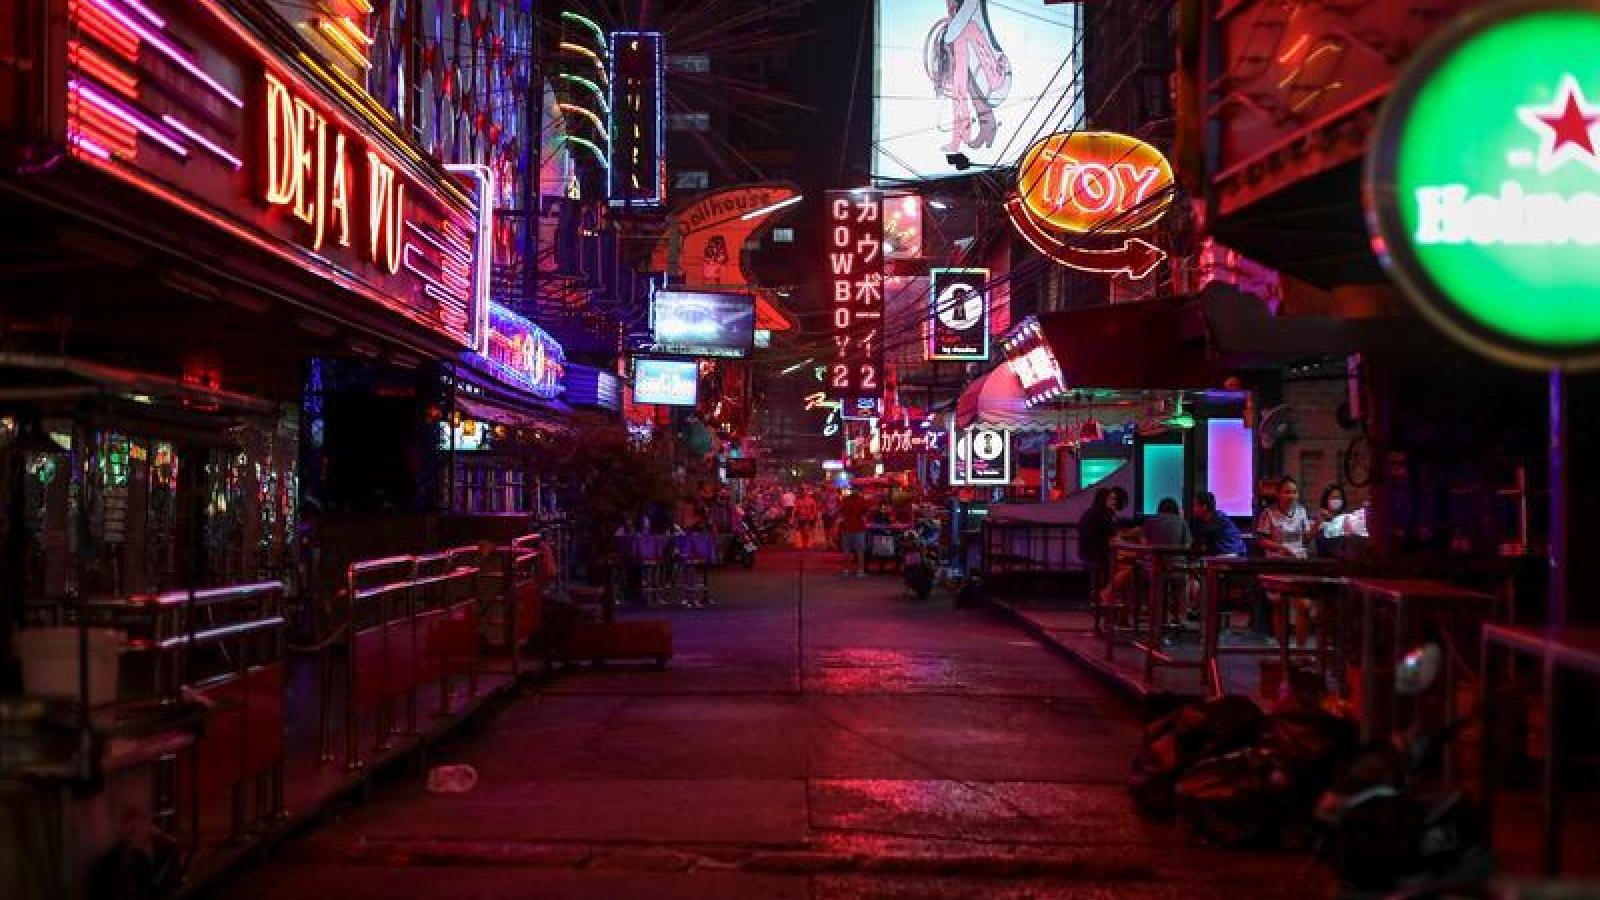 Thái Lan đóng cửa địa điểm giải trí ban đêm để phòng ngừa Covid-19